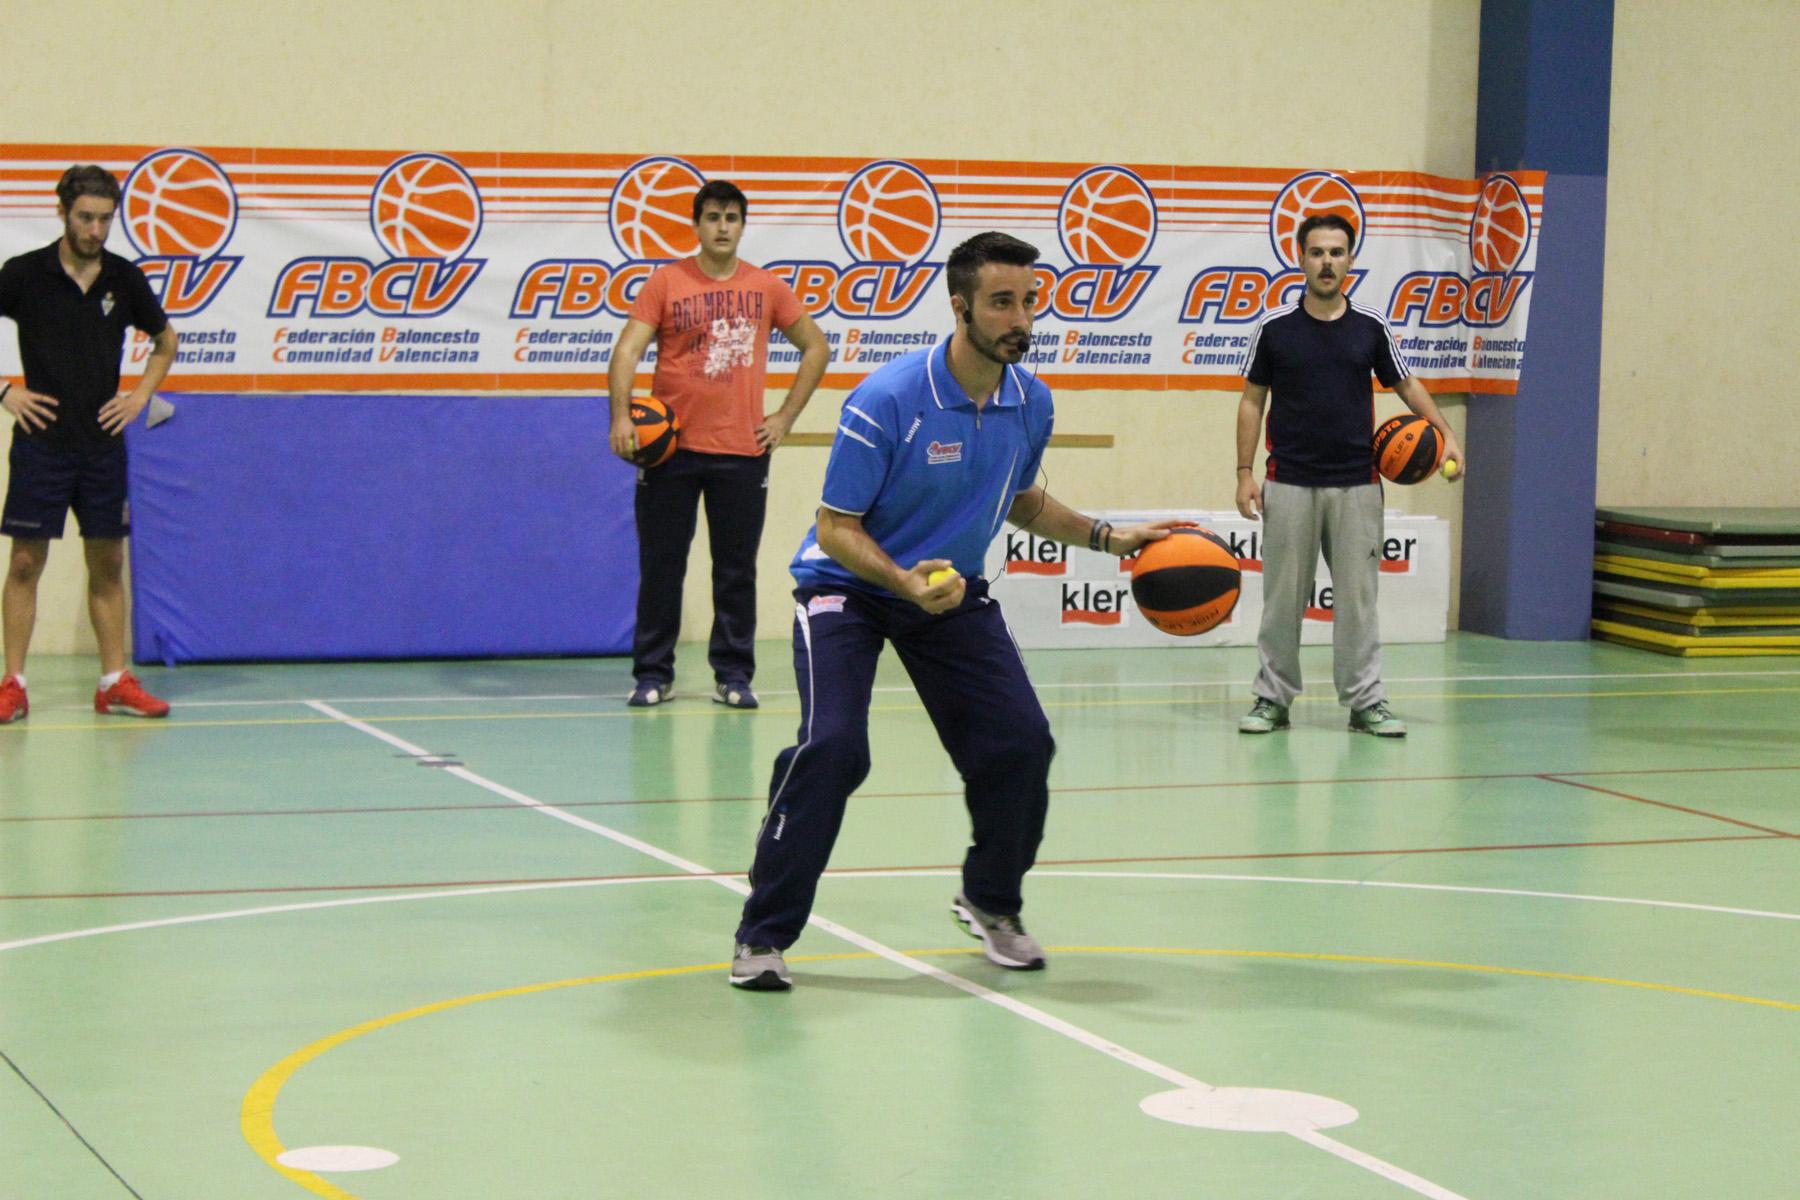 Ejercicios En Circuito Y Coordinacion : Entrenamiento de la velocidad gestual en baloncesto fbcv